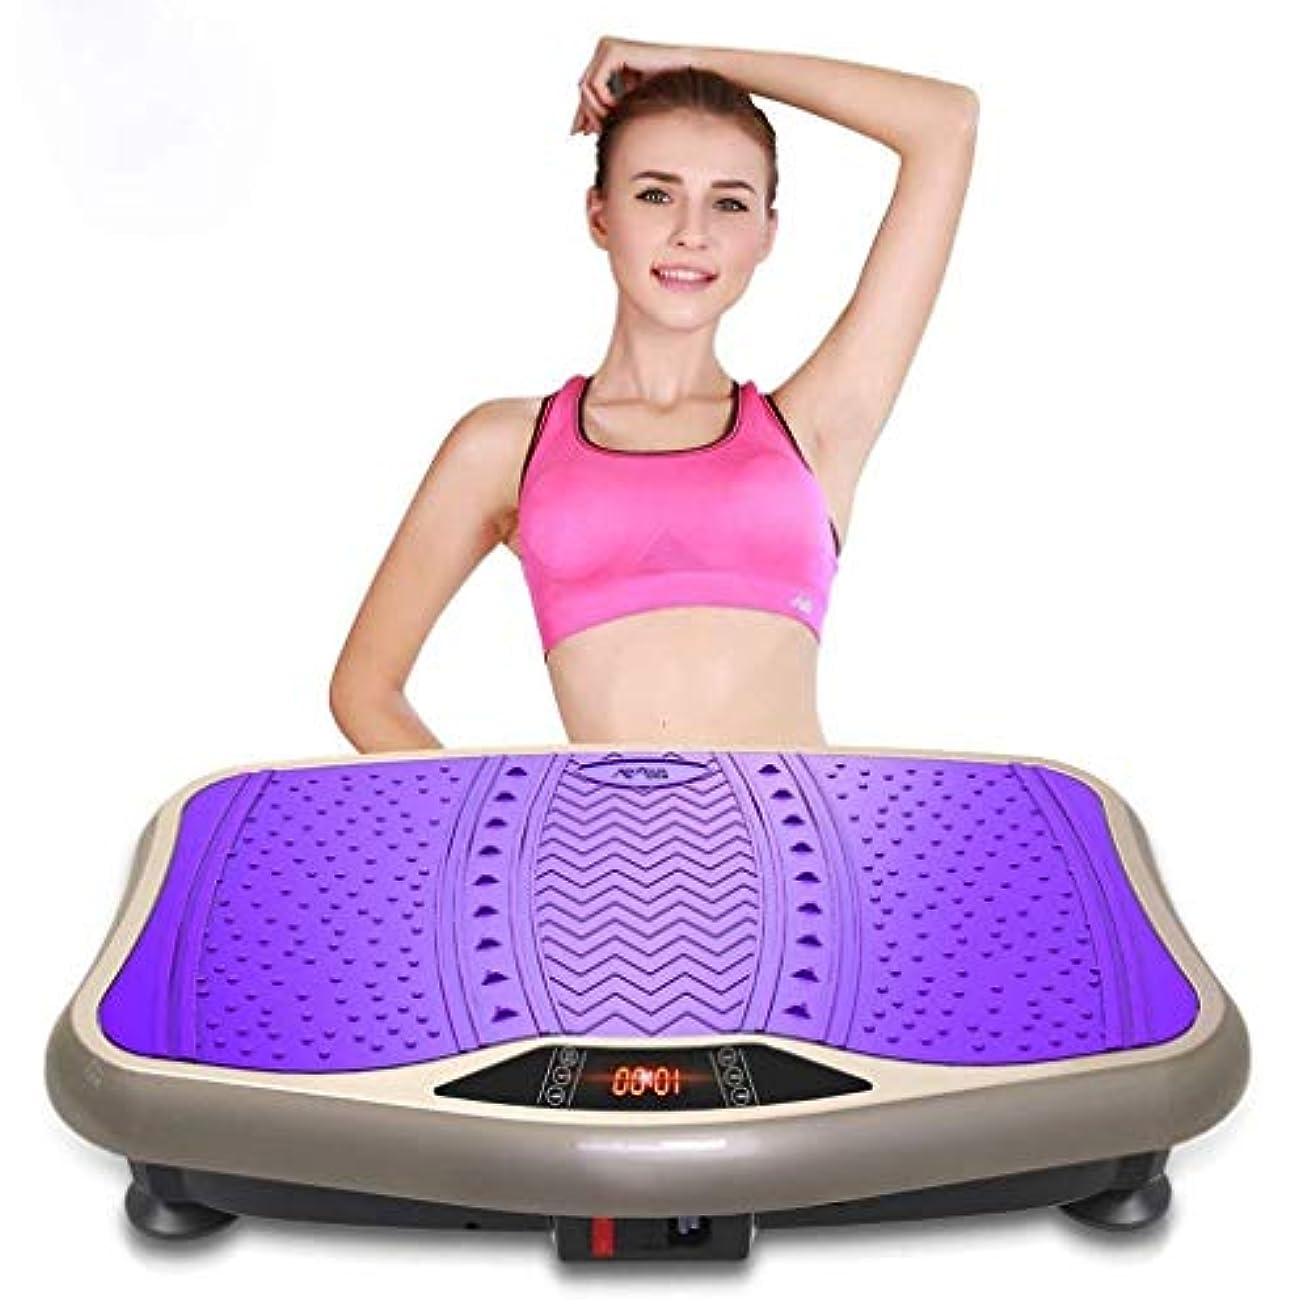 イタリック赤道下位減量装置、多機能フィットネス振動マシン、5モードボディシェークマッサージャー、体重を減らし、体型を整え、過剰な体脂肪を減らすことができます